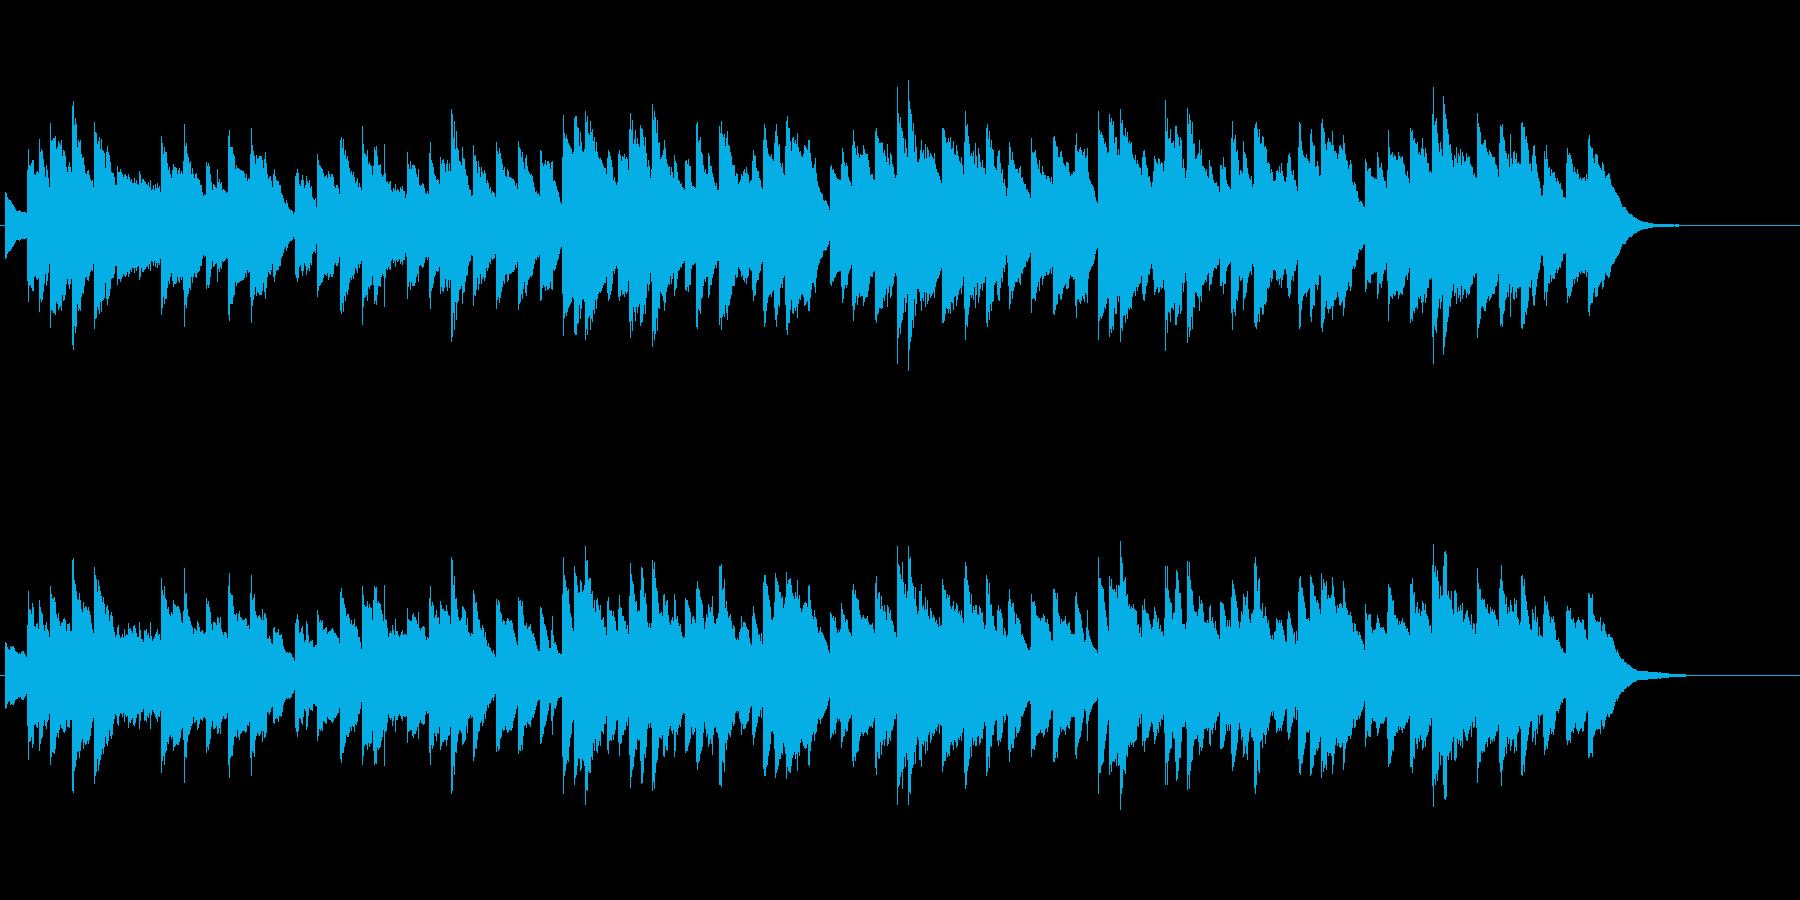 有名な「もみの木」を可愛いオルゴール風にの再生済みの波形